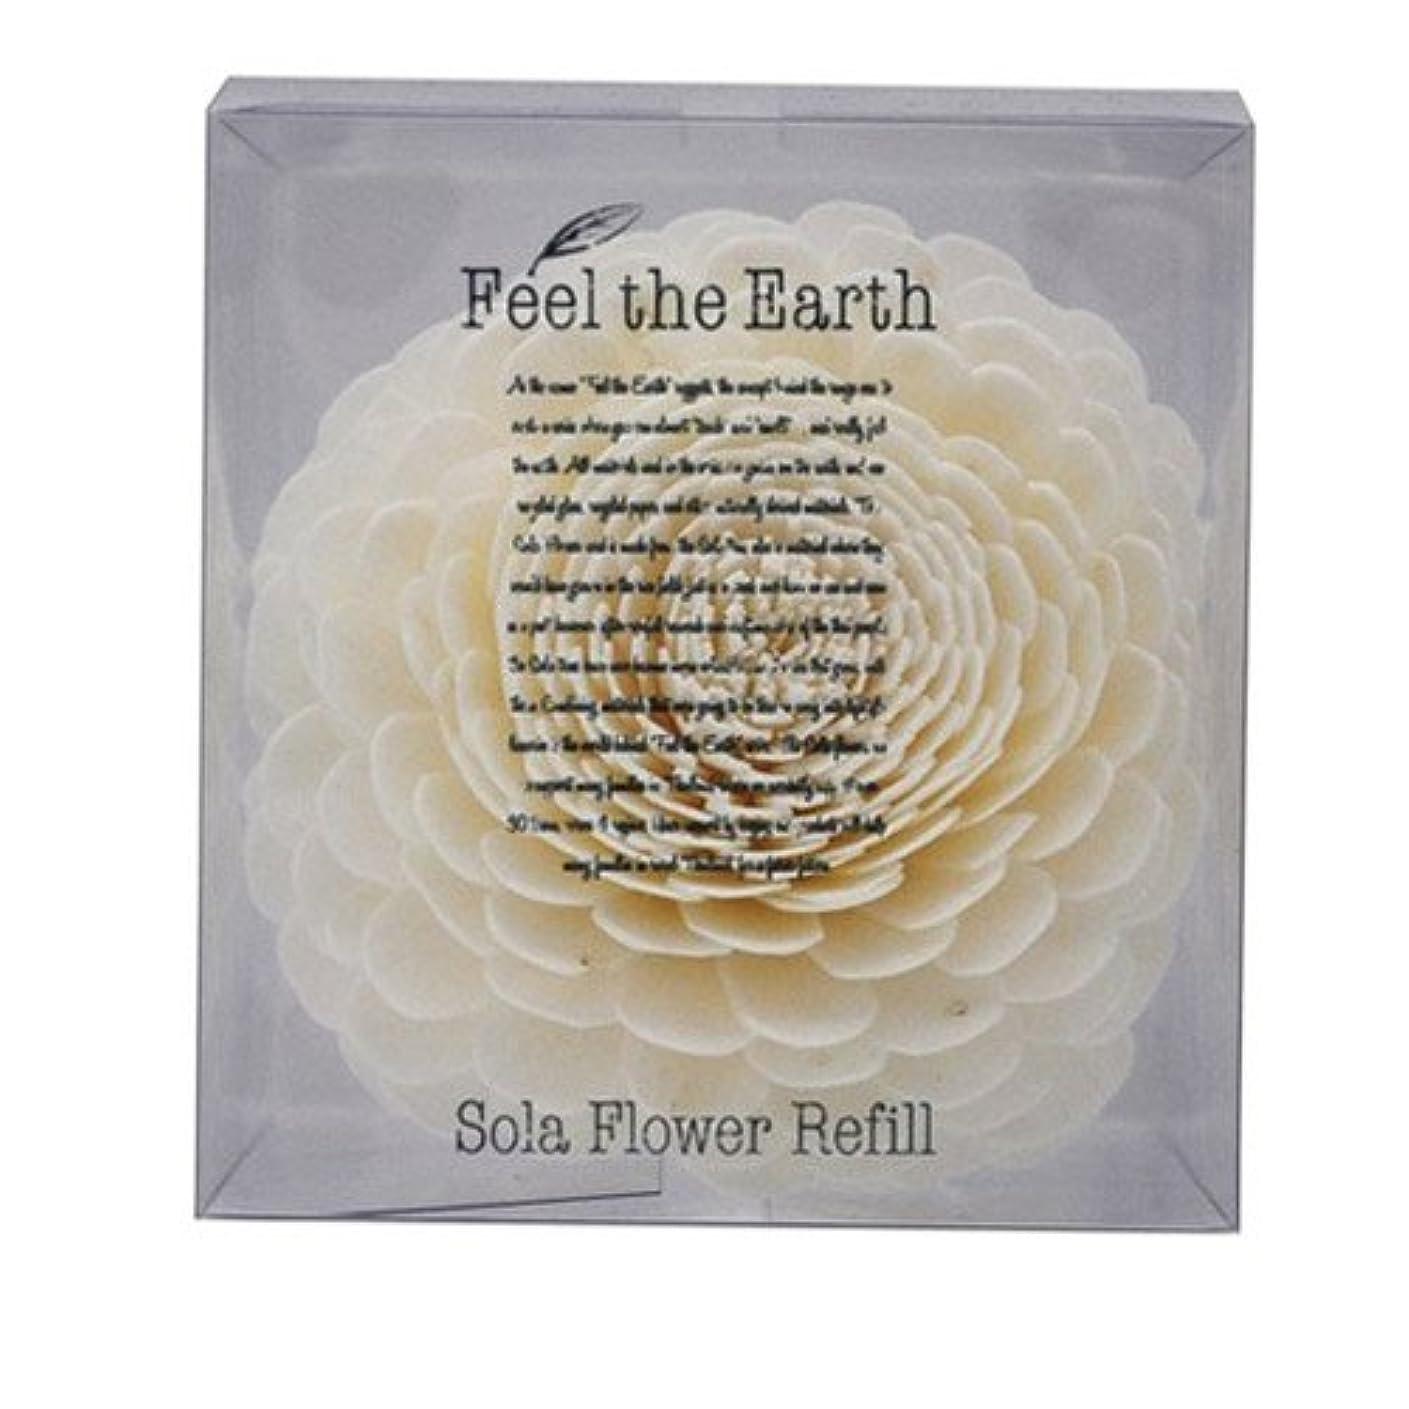 国家ずっと熱心FEEL THE EARTH ソラフラワー リフィル ダリア DAHLIA フィール ジ アース